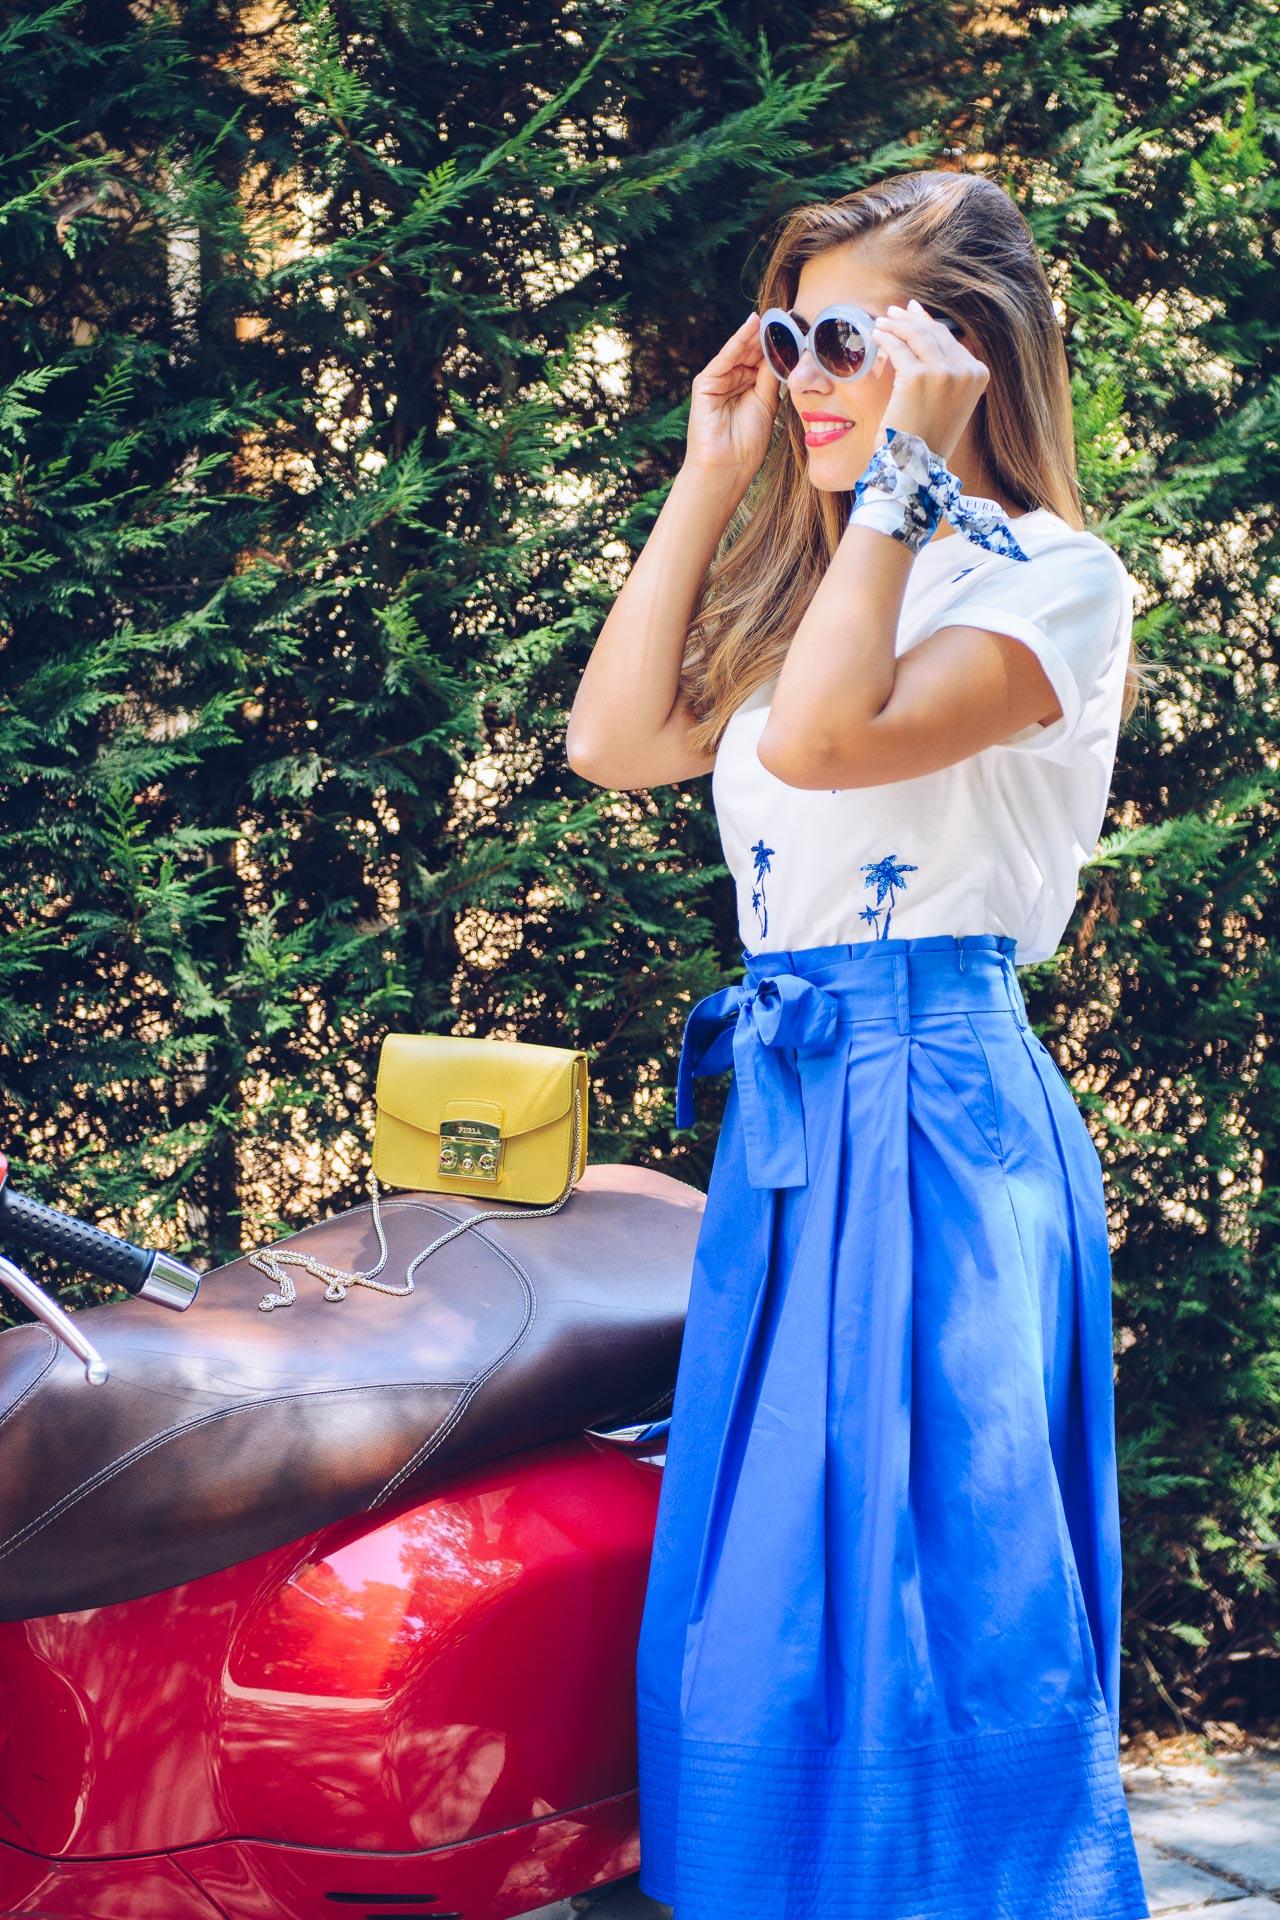 mdl bulgarian fashion blogger